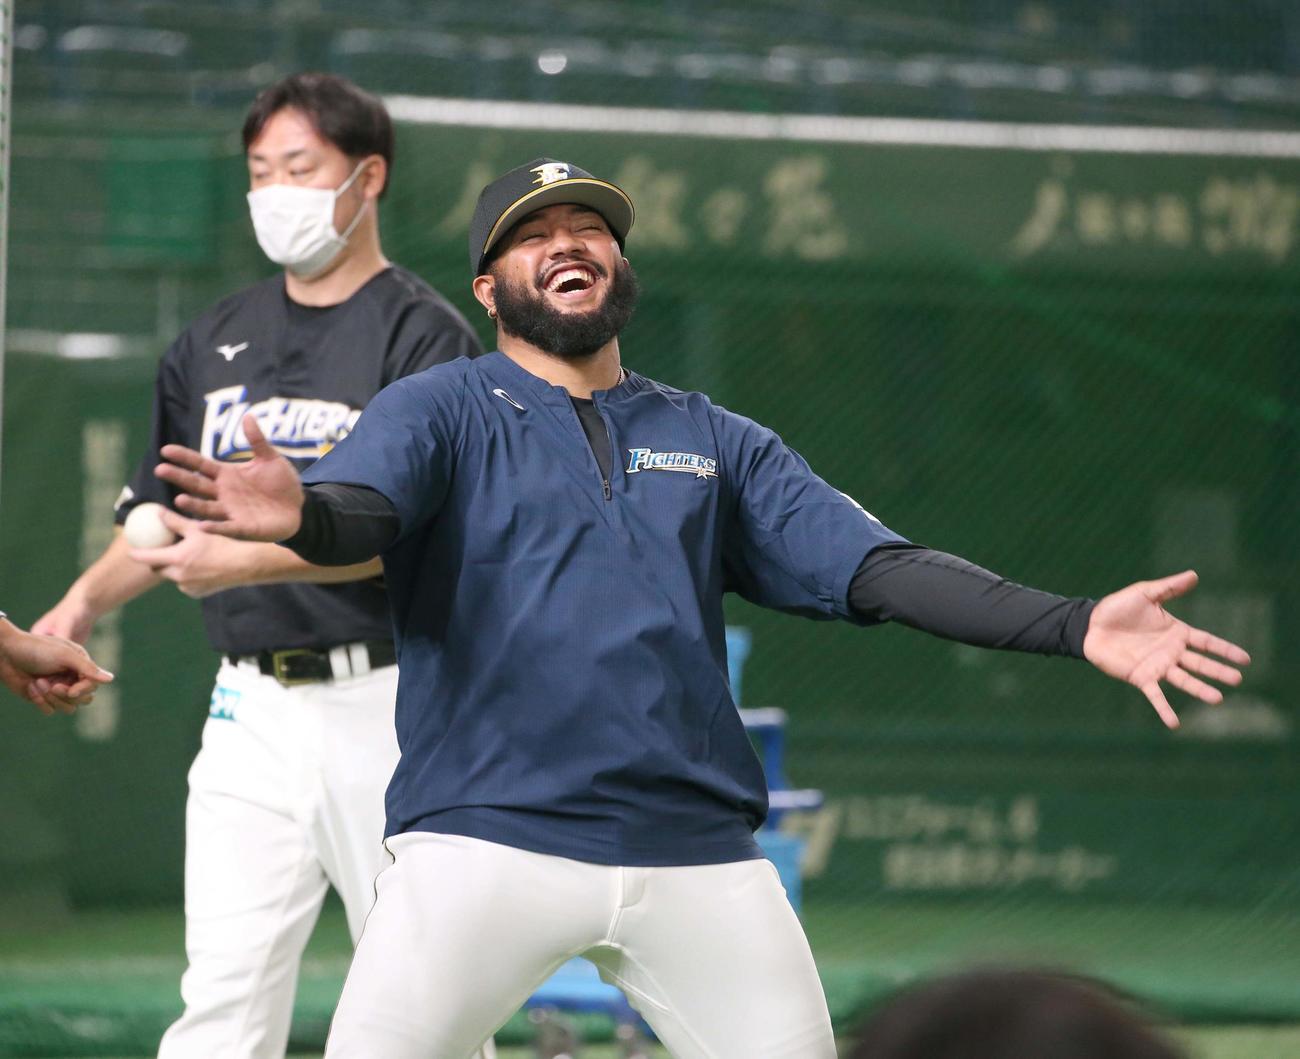 日本ハム対楽天 チームに合流し笑顔のR・ロドリゲス(撮影・黒川智章)